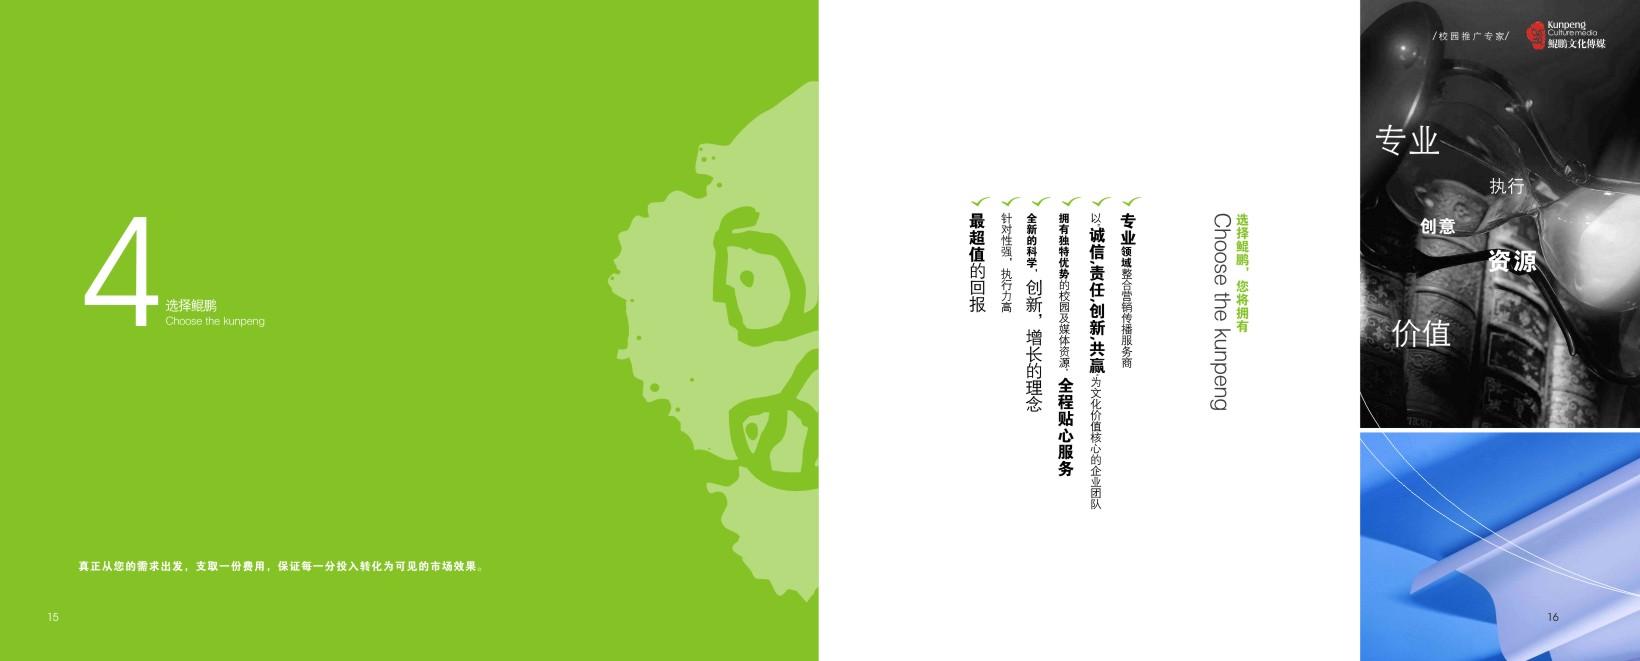 文化传媒画册设计,文化传媒设计公司